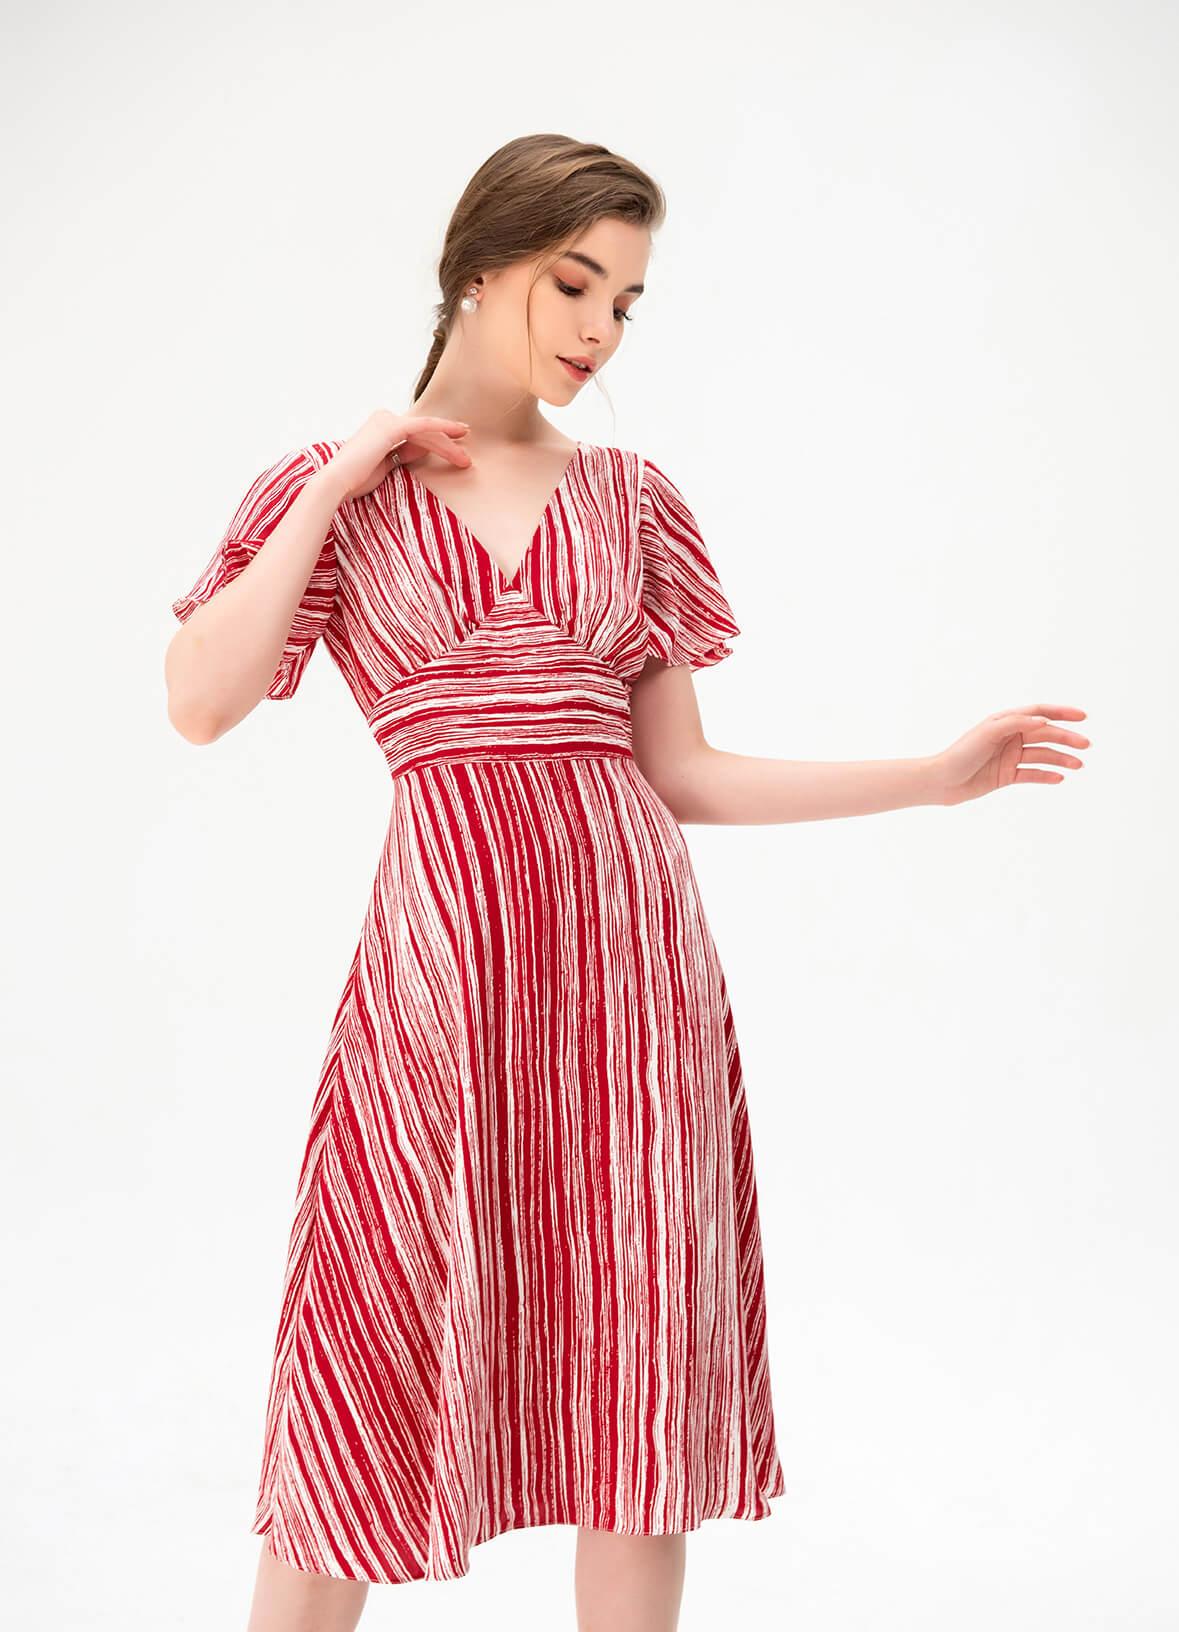 Màu hè rực rỡ không thể vắng bóng hình ảnh váy dành cho người bắp tay to với gam màu đỏ nóng bỏng